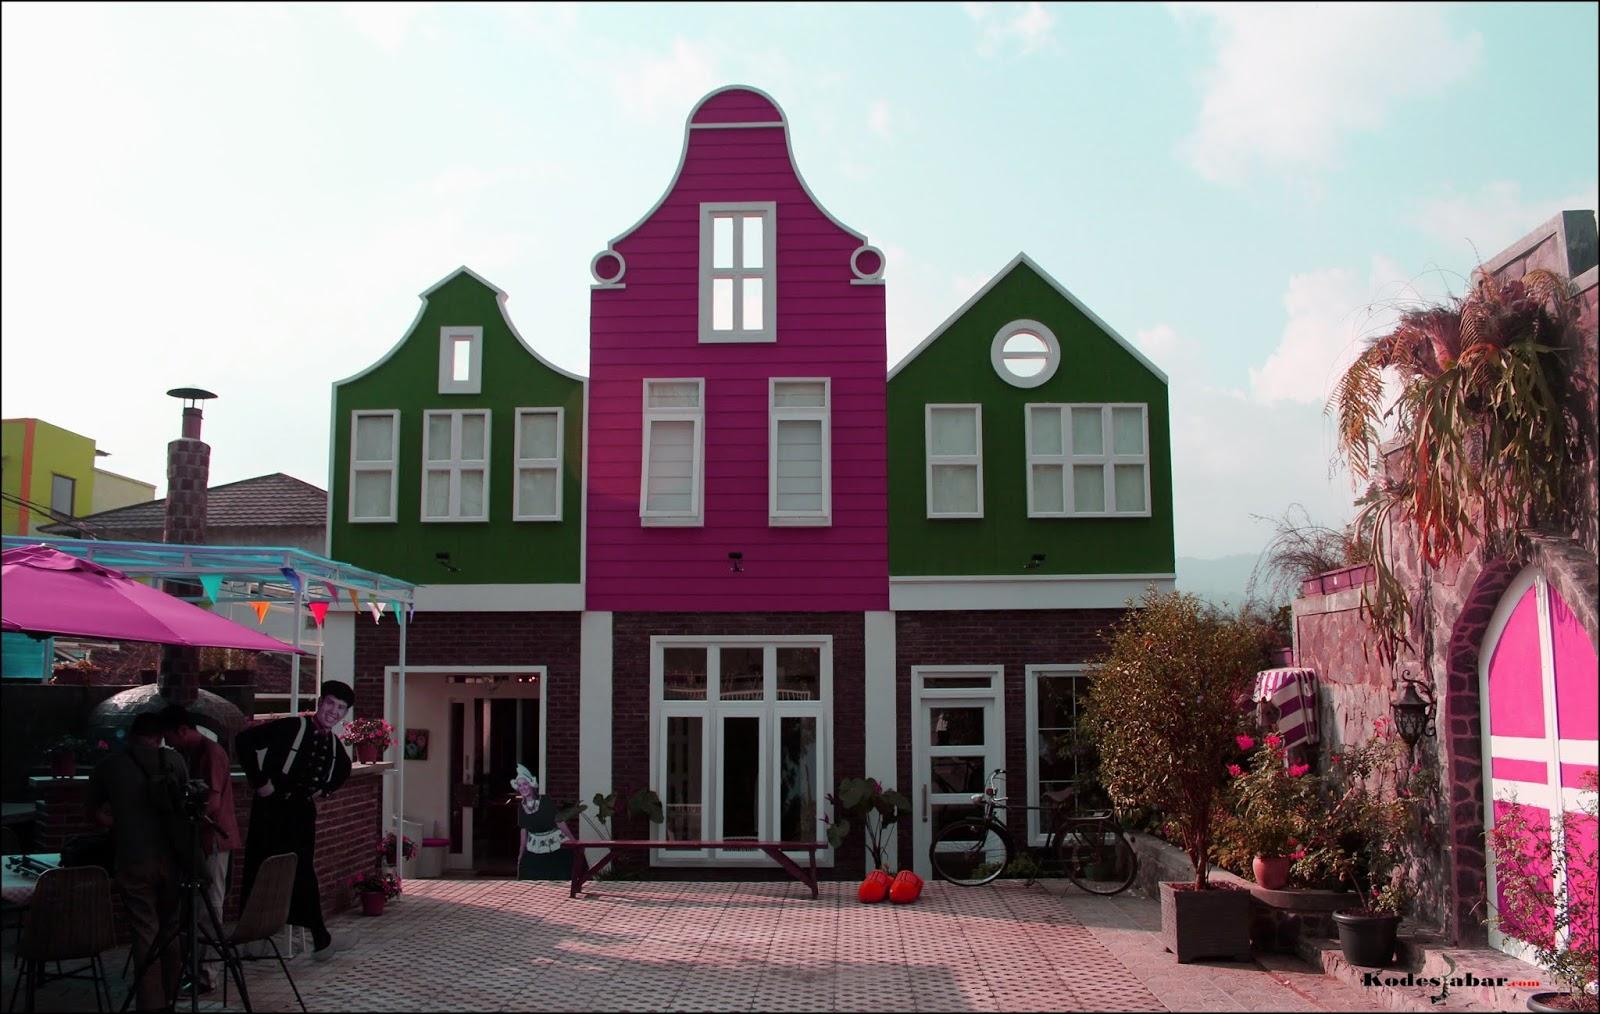 Rumah Belanda Maribaya, Tempat Wisata Yang Sedang Hits di Bandung